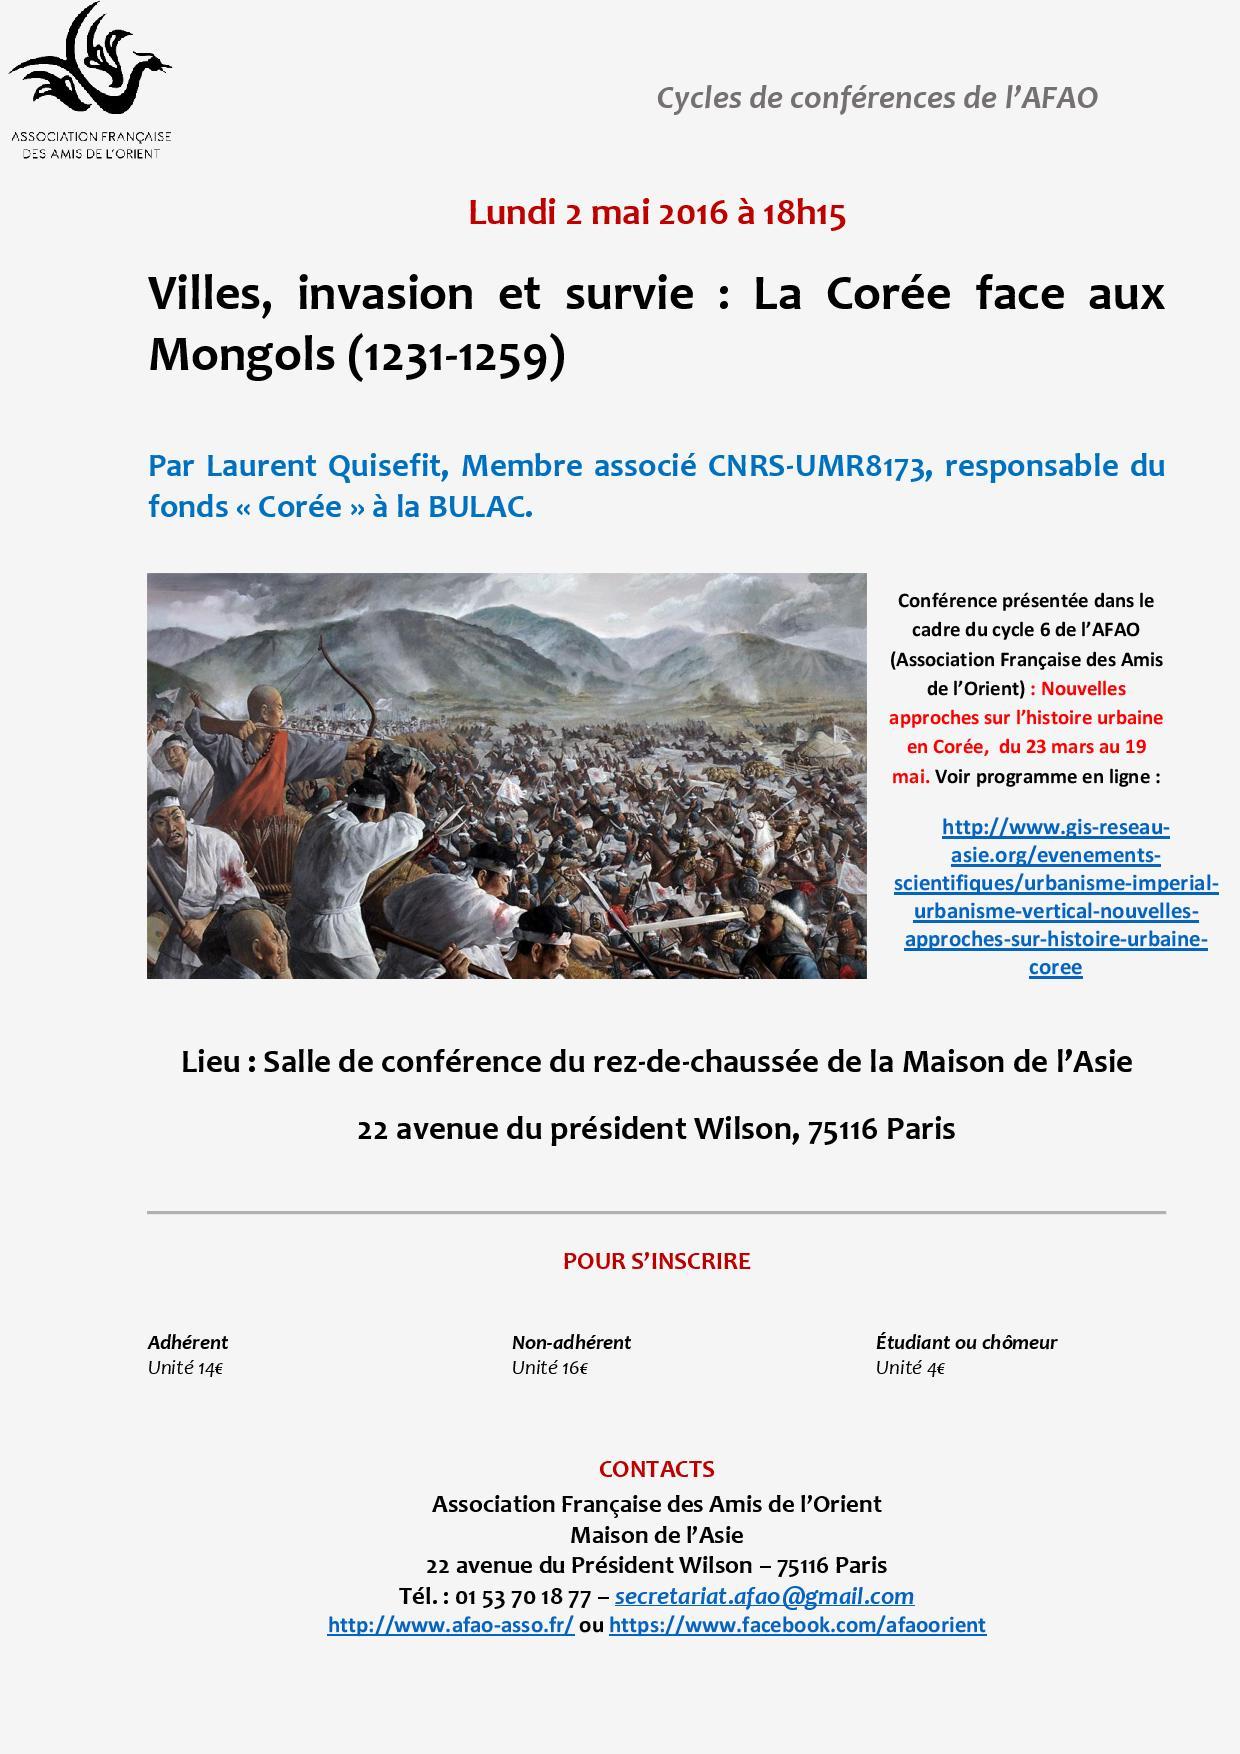 Conférence - Quisefit - 2 mai - AFAO(1)